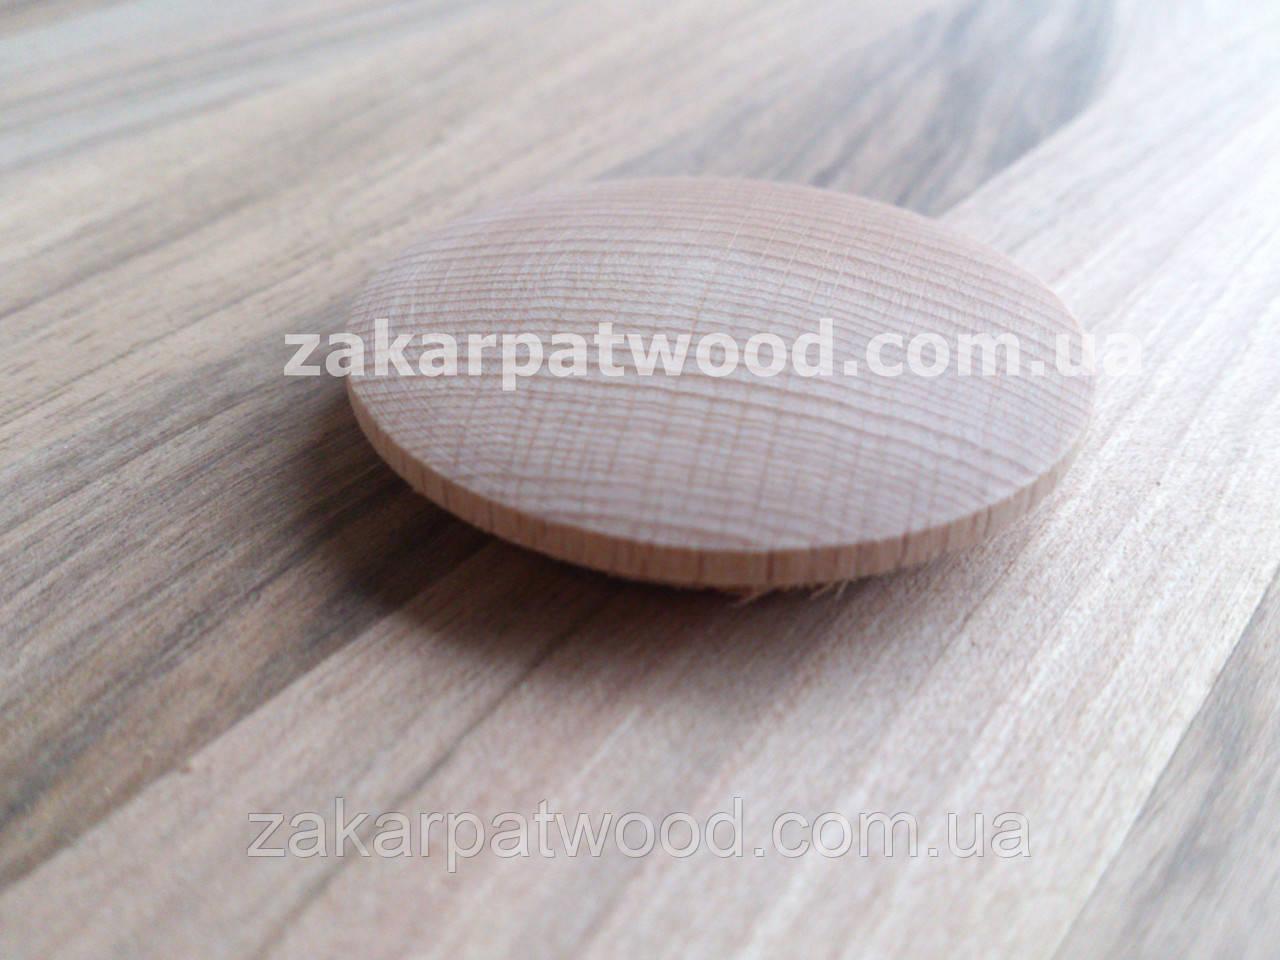 Заглушки дерев'яна яні 35мм (бук)_ 100шт